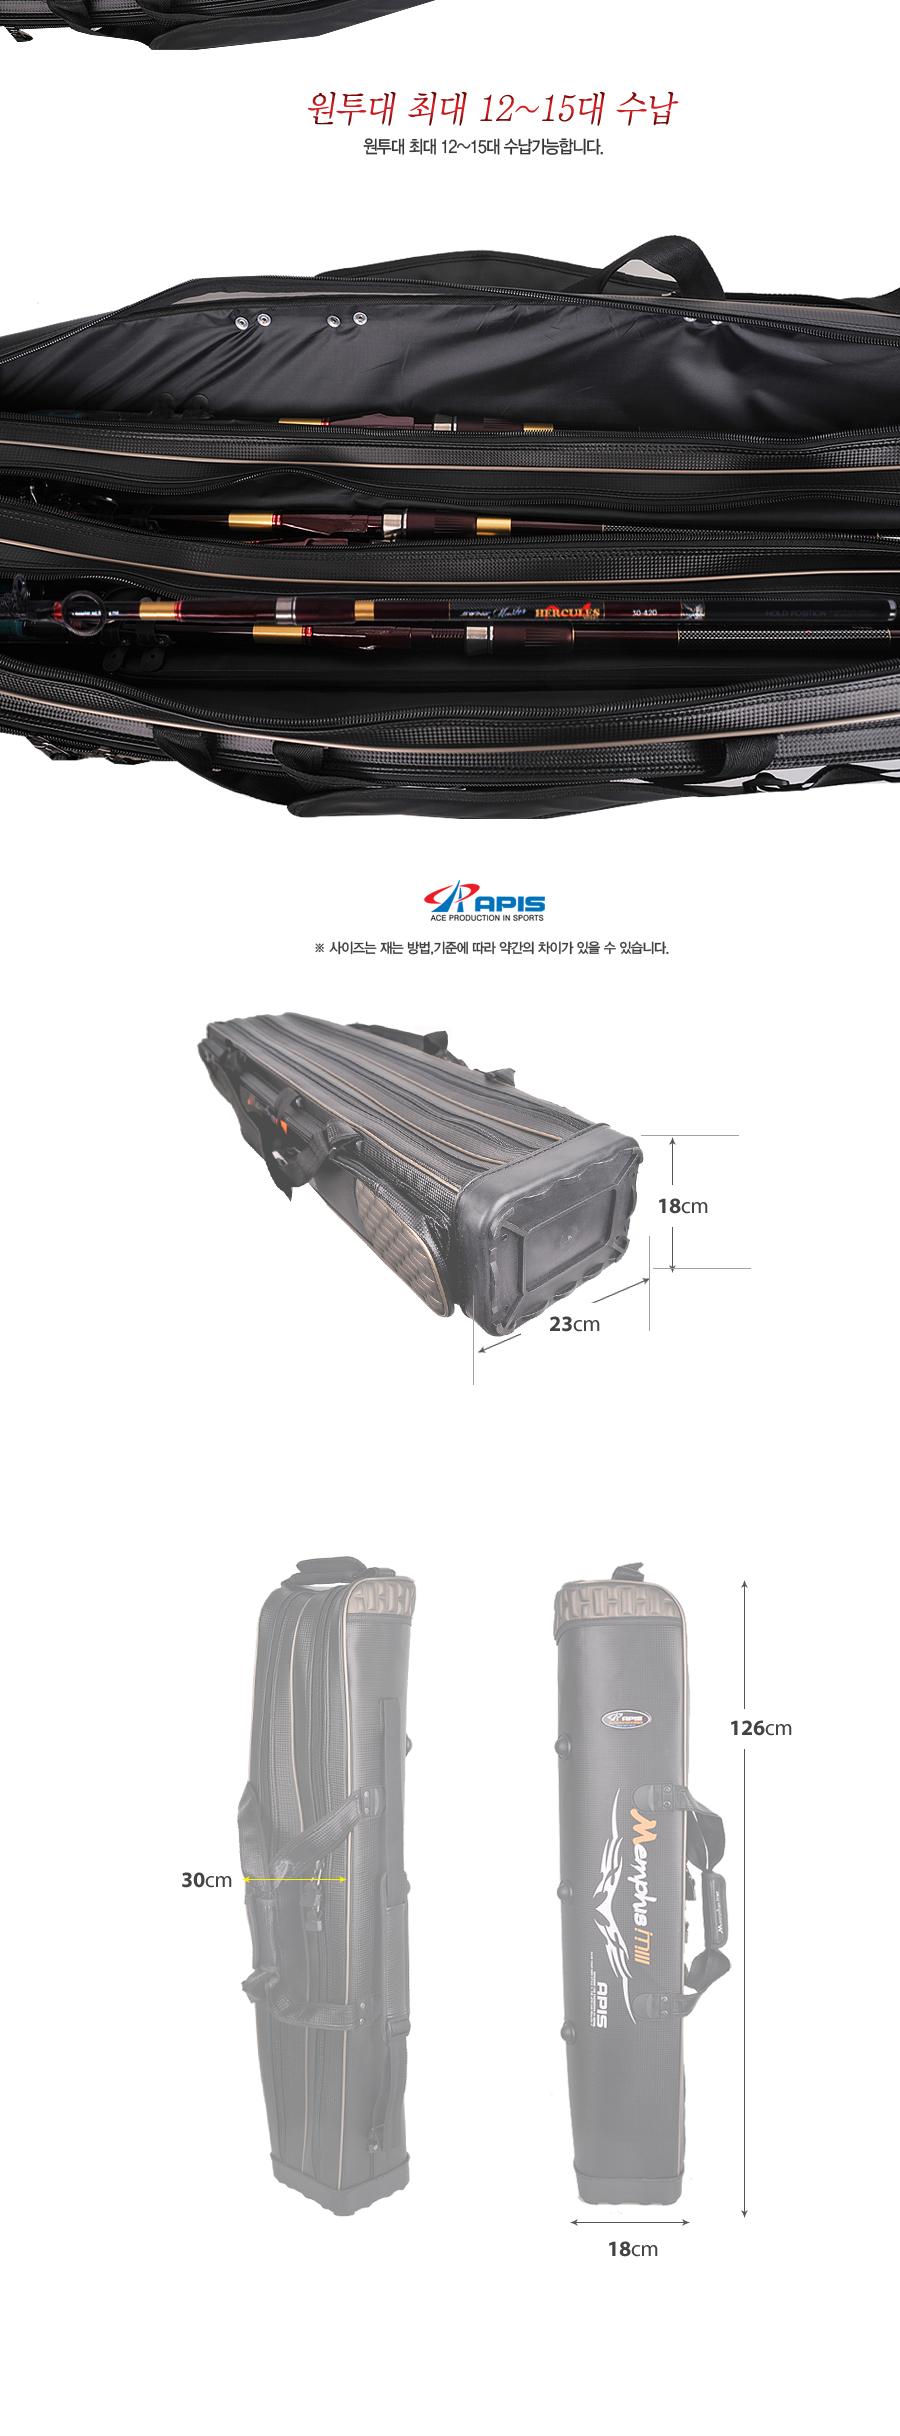 민물가방 민물낚시가방 릴낚시가방 민물릴낚시가방 민물낚시용품 낚시용품 낚시가방 장대가방 아피스로드가방 로드가방 멤피스 m3 1250 장 5단가방 APBM-SF1250